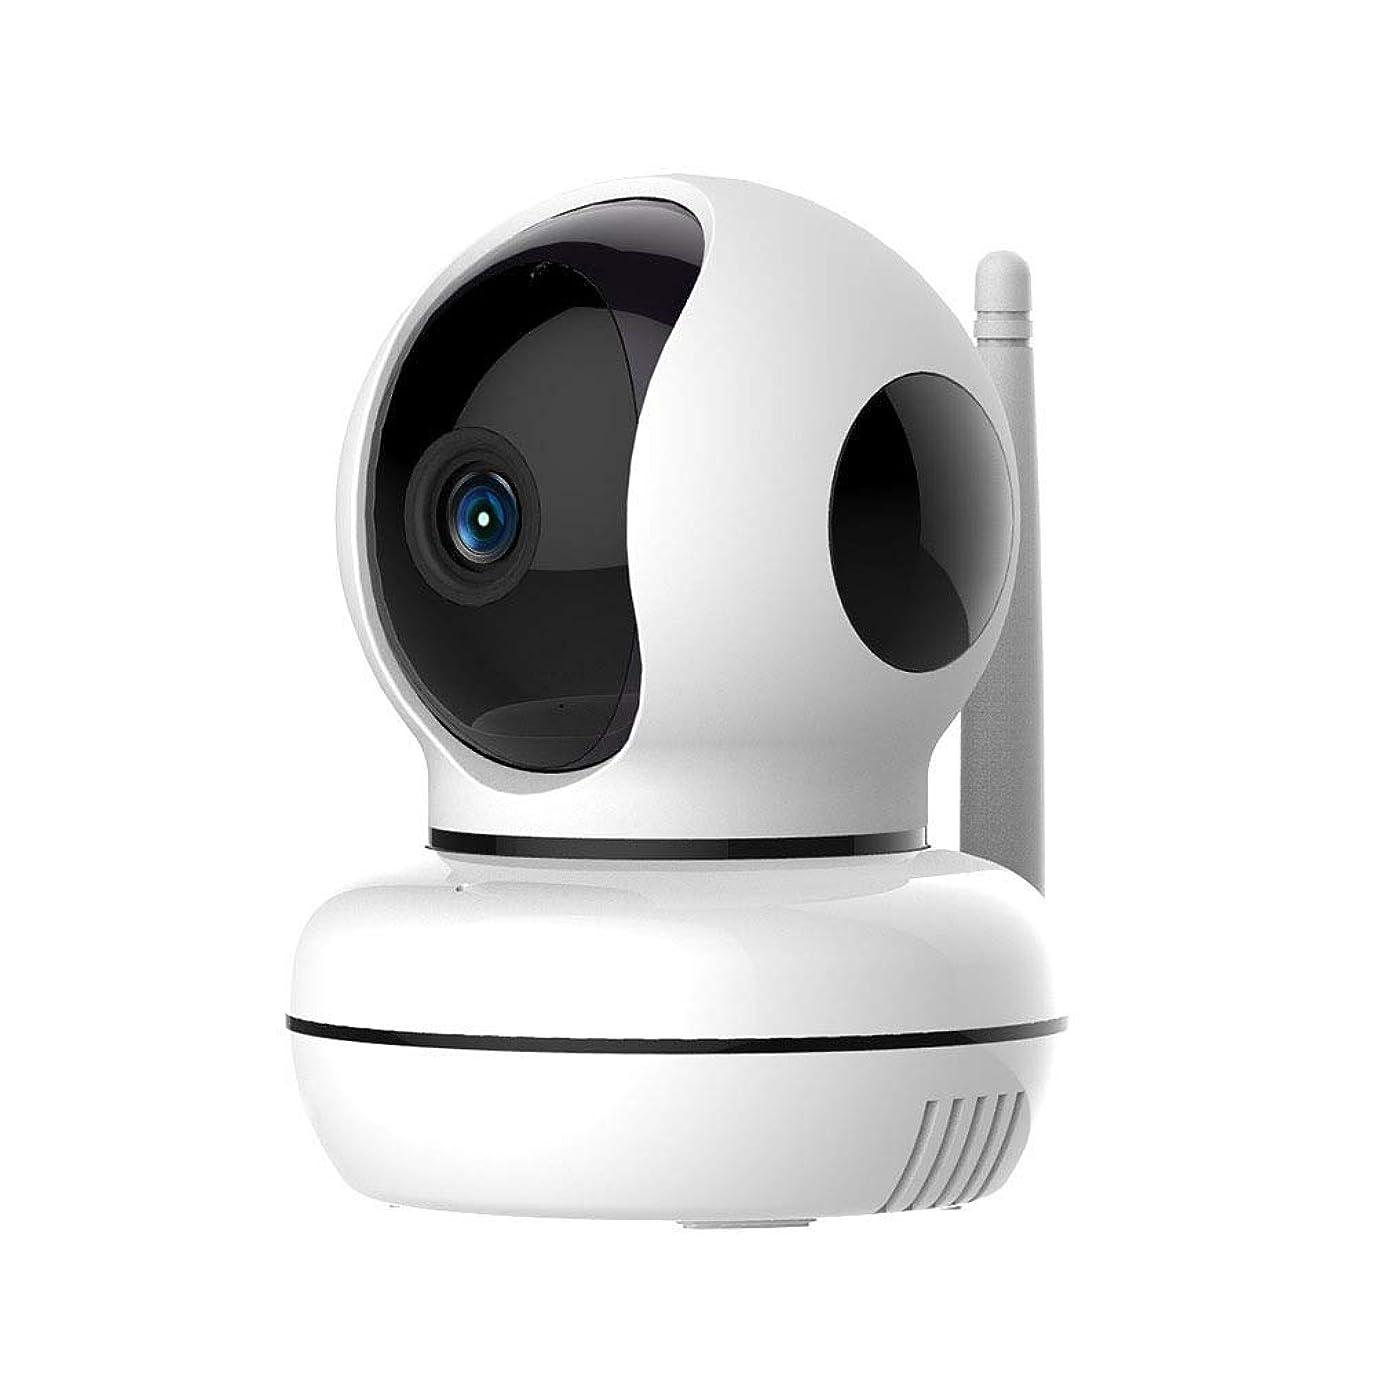 リスキーな悪夢として人民の東の道 1080 P HD防犯カメラWifi Webカメラモニター双方向トーク